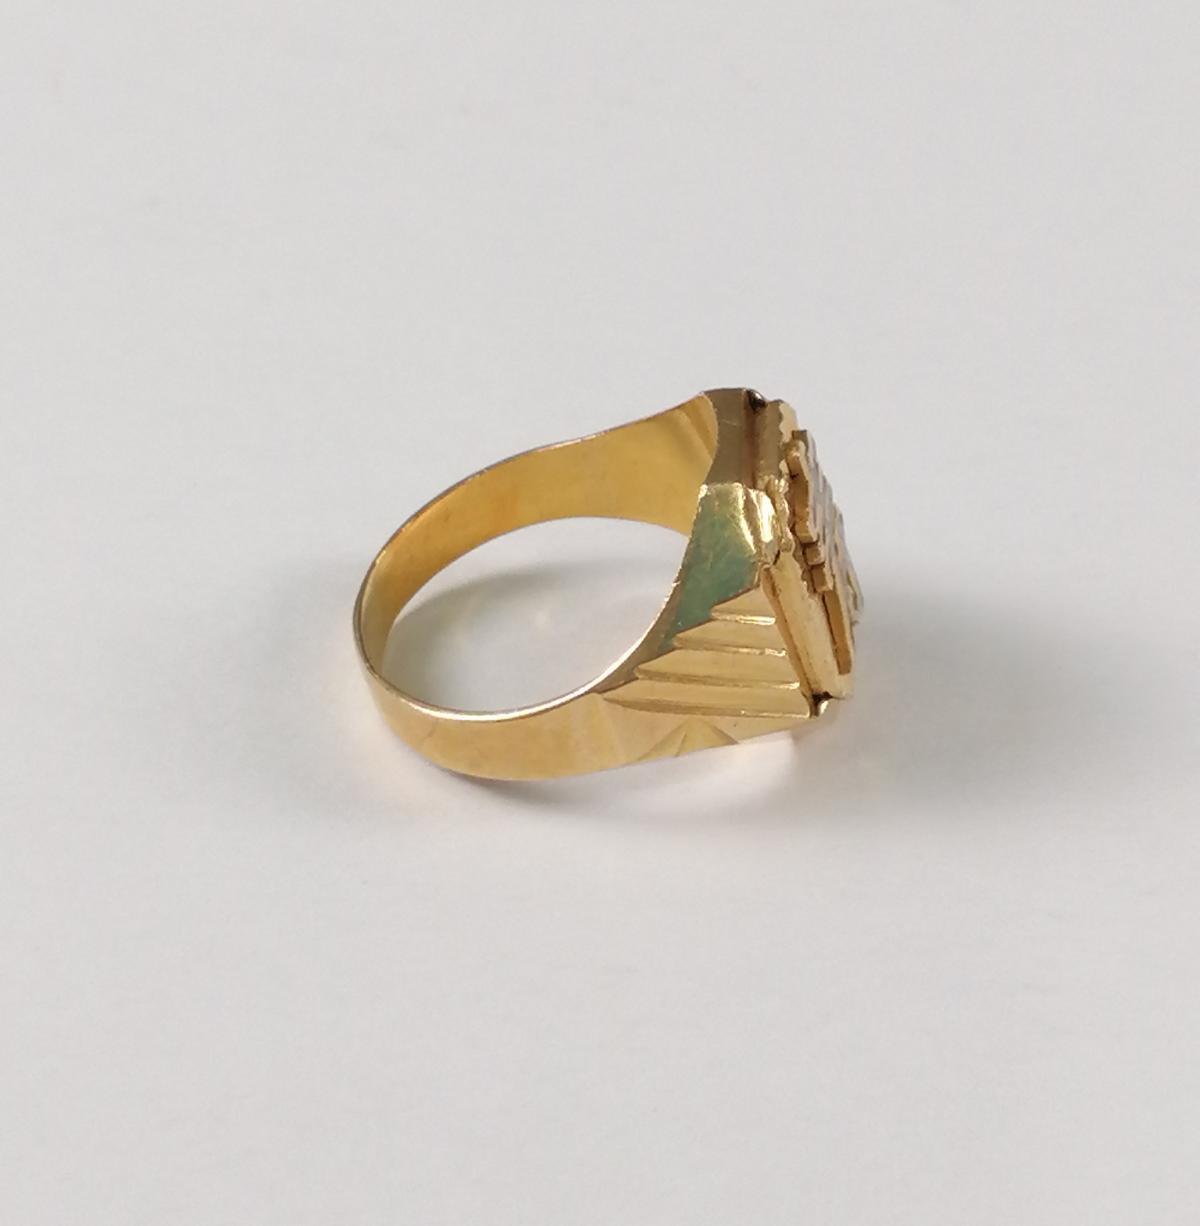 22 Karat Gelbgold-Siegelring mit dem chinesischen Schriftzeichen für 'Langes Leben'-4